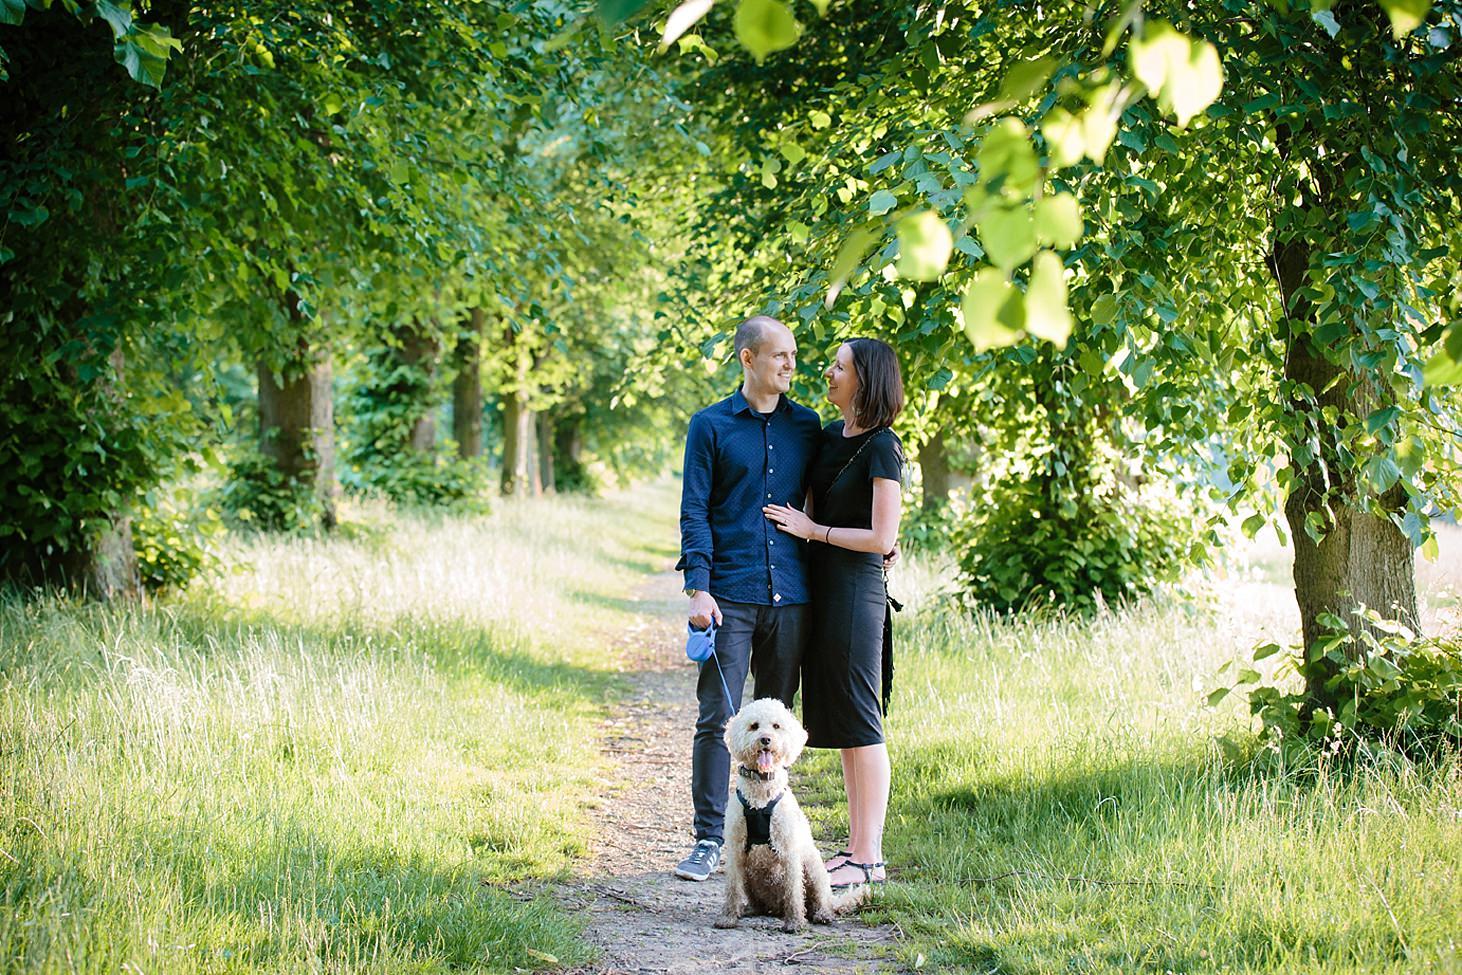 trent park engagement shoot portrait with dog